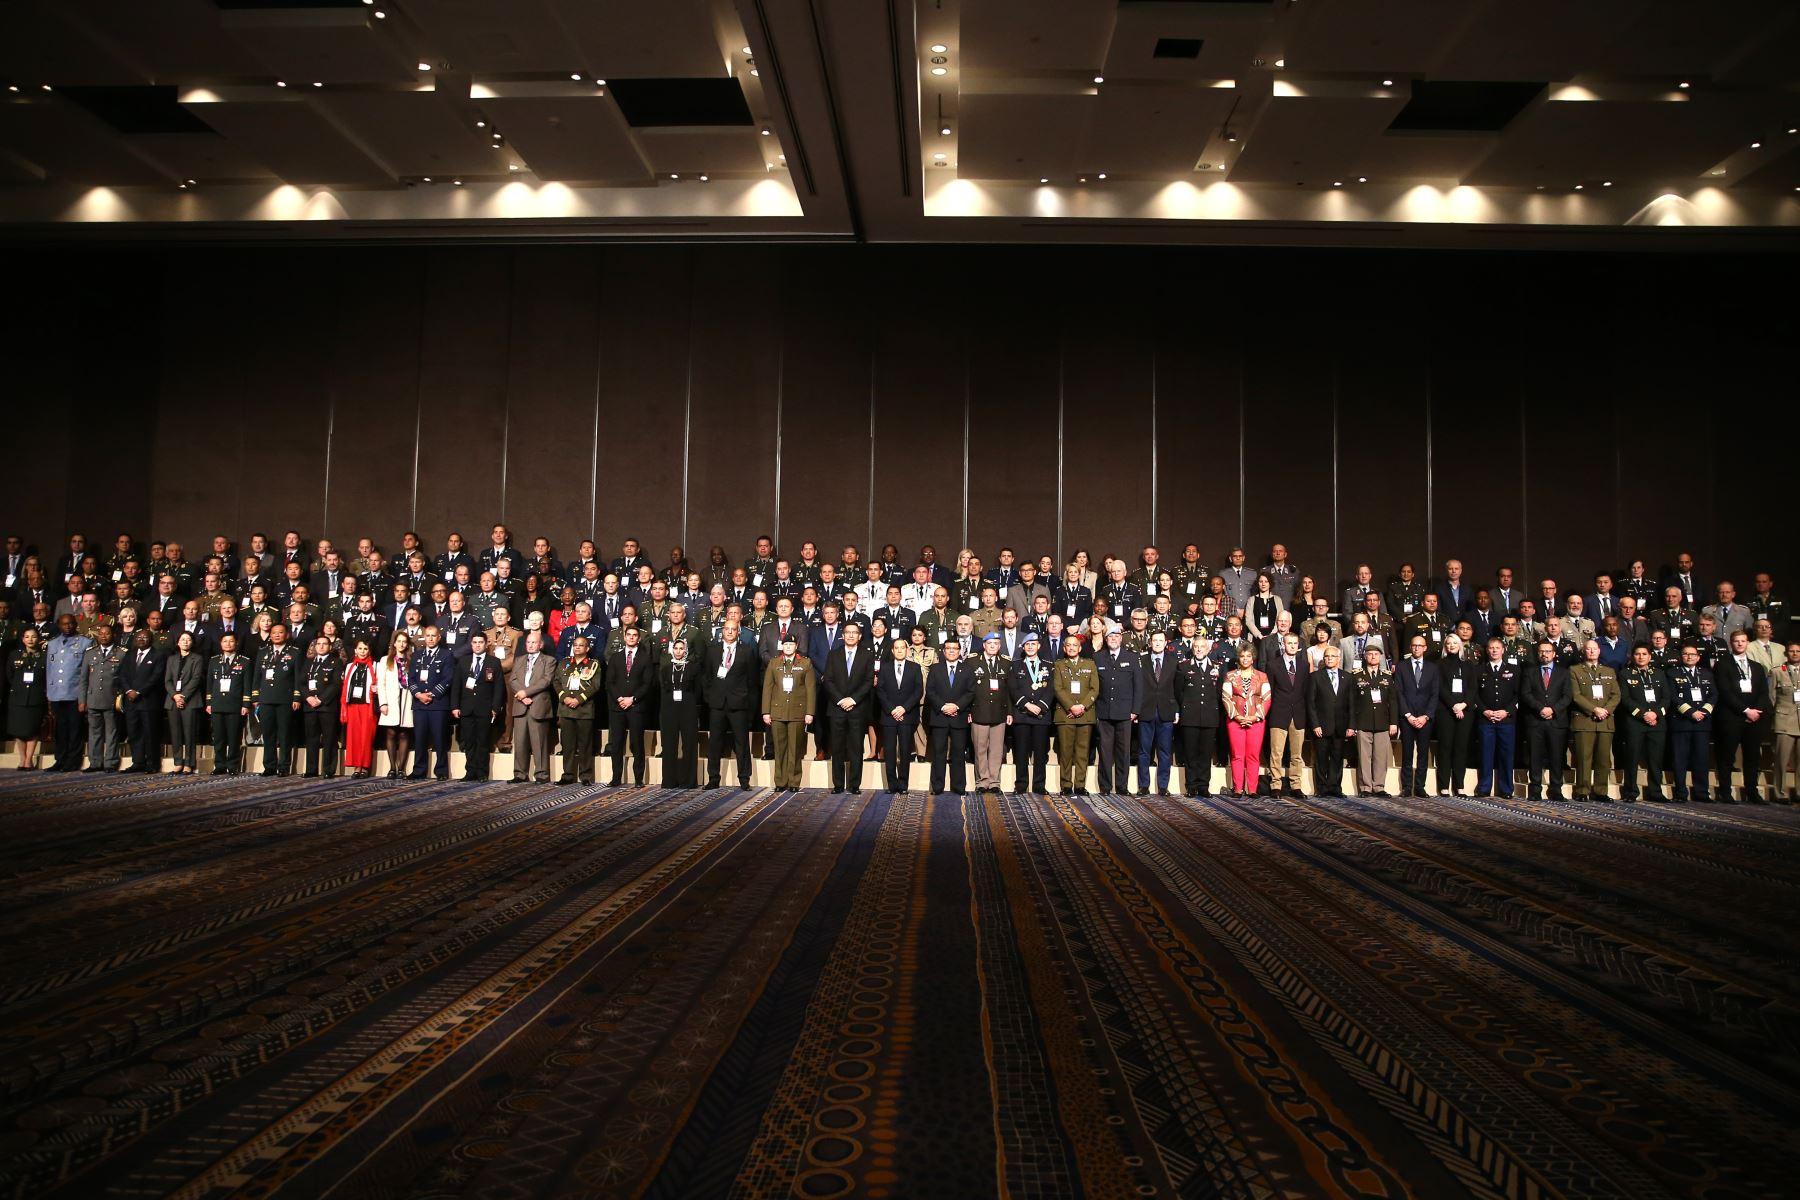 El Presidente Martin Vizcarra, participa de la Fotografía Oficial de la 25° Conferencia Anual de la Asociación Internacional de Centros de Entrenamiento para el Mantenimiento de la Paz -IAPTC Lima 2019. Foto: ANDINA/ Vidal Tarqui